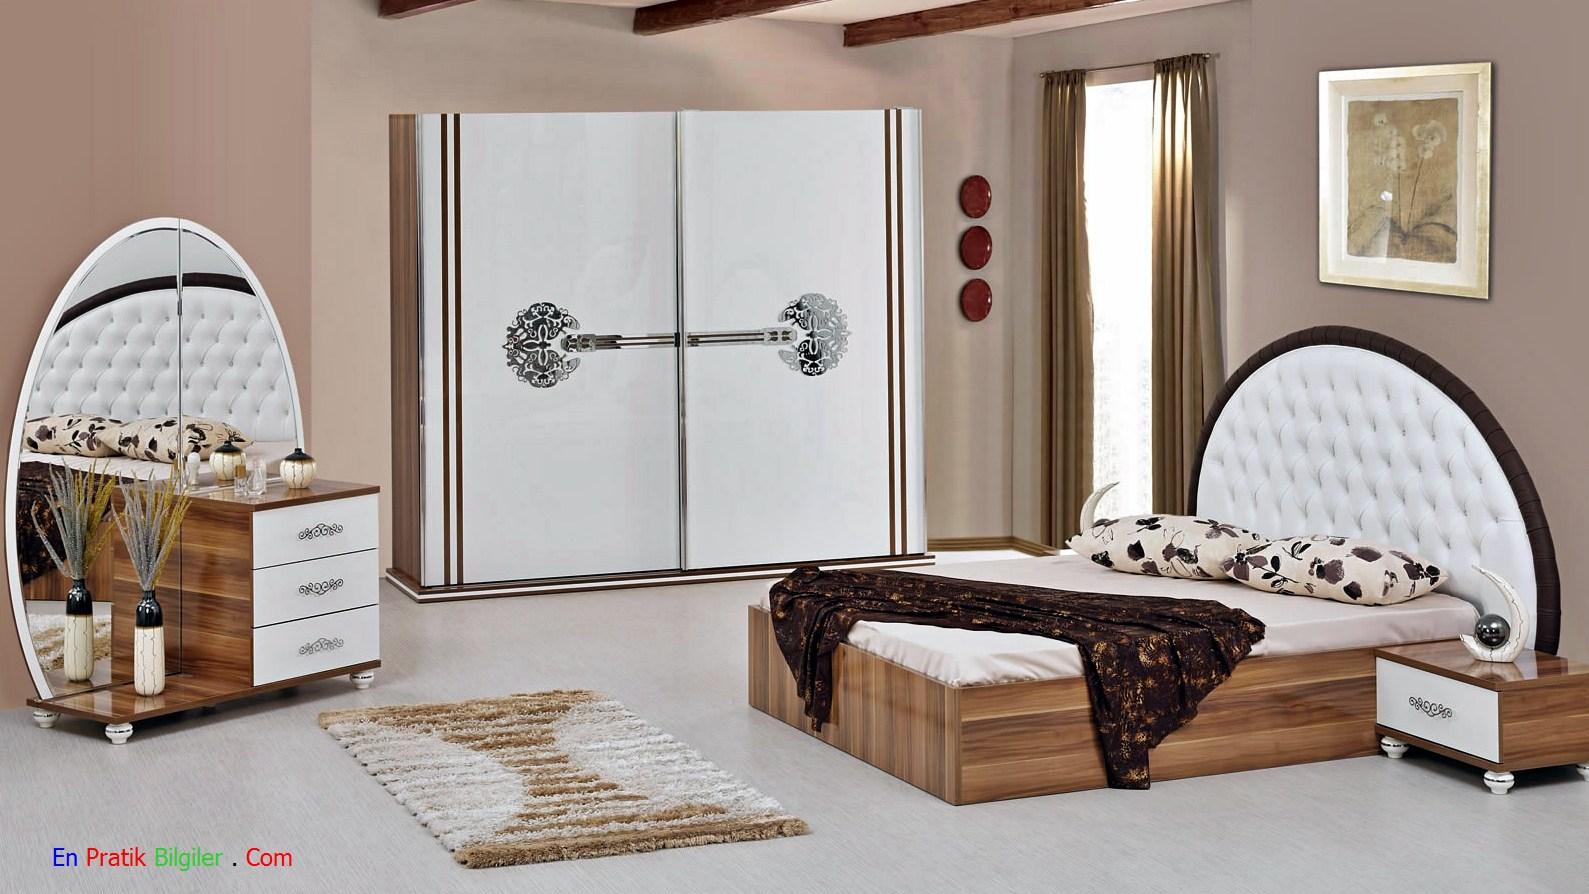 images-of-dogru-yatak-odasi-mobilyalarini-secmede-yararli-bilgiler-10 Doğru Yatak Odası Mobilyalarını Seçmede Yararlı Bilgiler